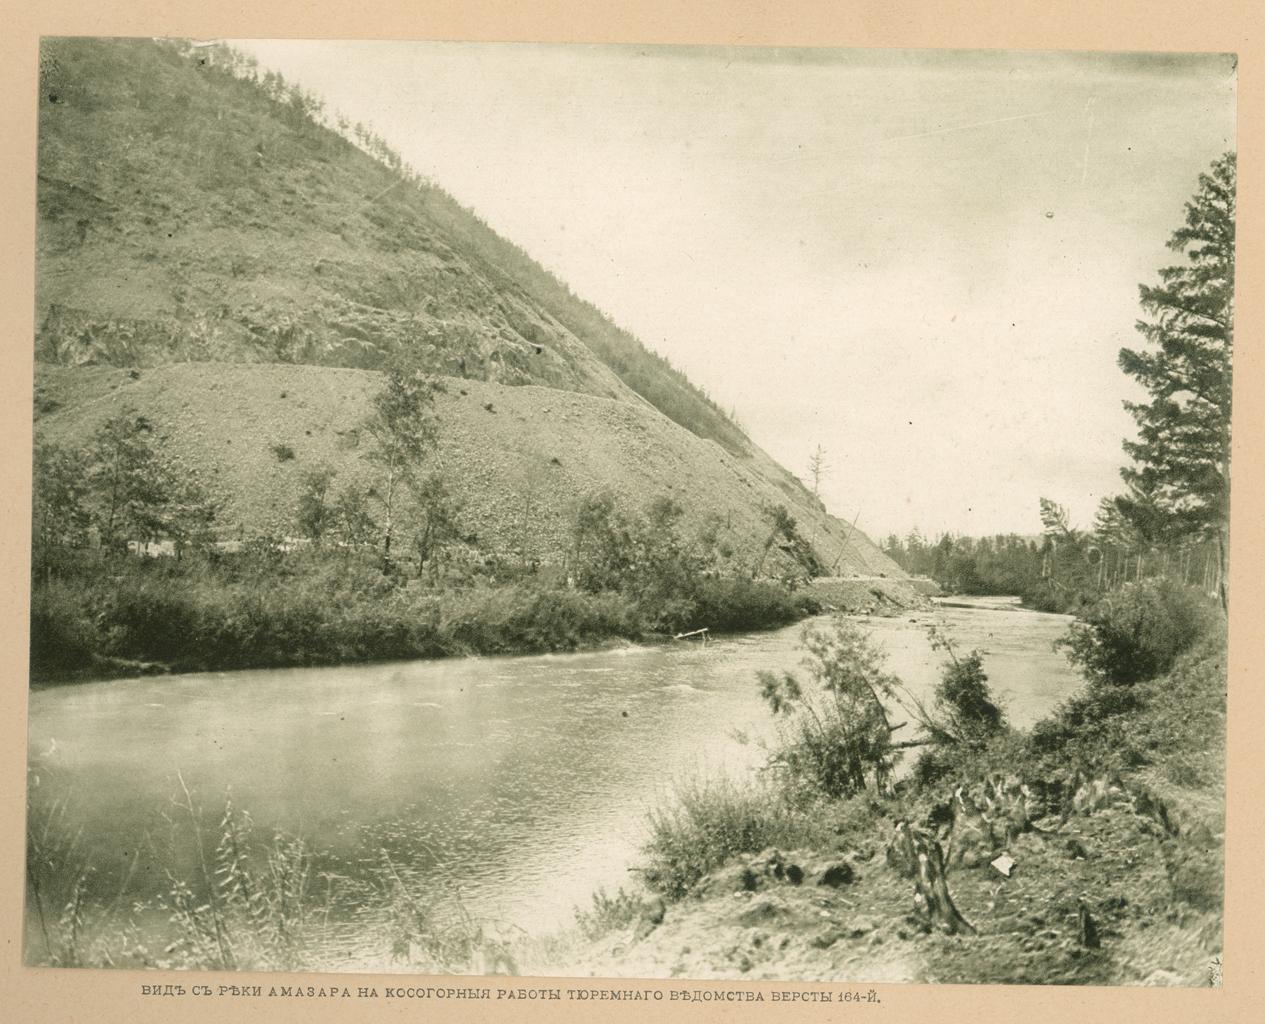 Верста 164. Вид с реки Амазар на косогорные работы тюремного ведомства